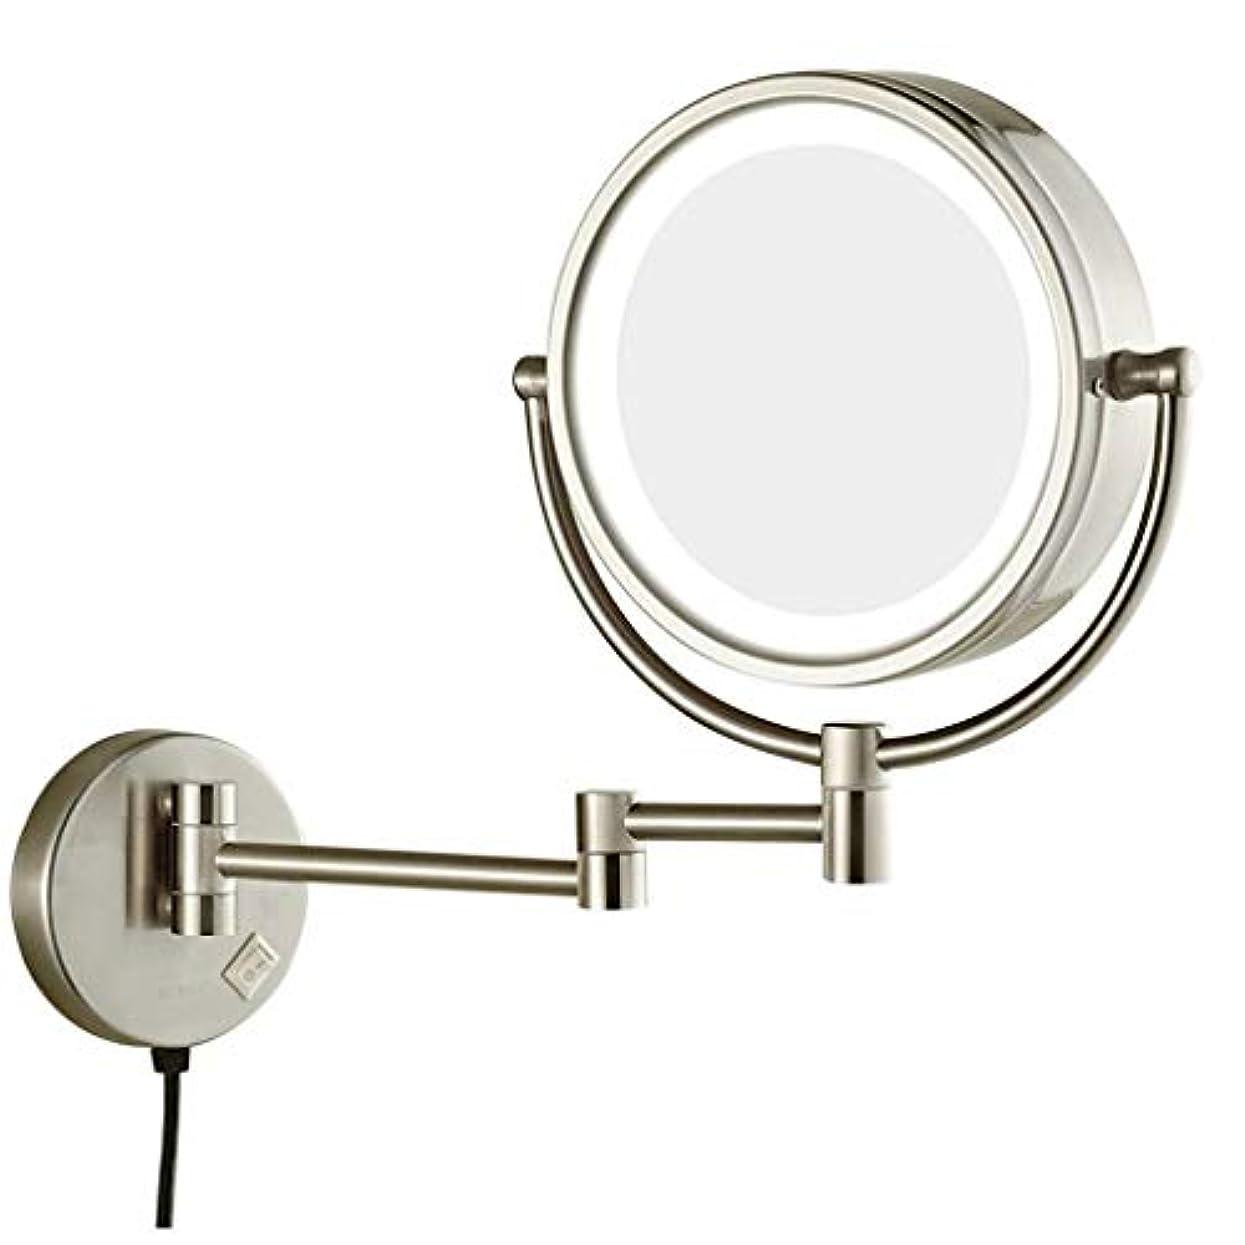 ハンサム消去短くするHUYYA シェービングミラー バスルームメイクアップミラー LEDライト付き、8インチ化粧鏡 壁付 7 倍拡大鏡 バニティミラー 両面 丸め 寝室や浴室に適しています,Nickel_Hardwired connection